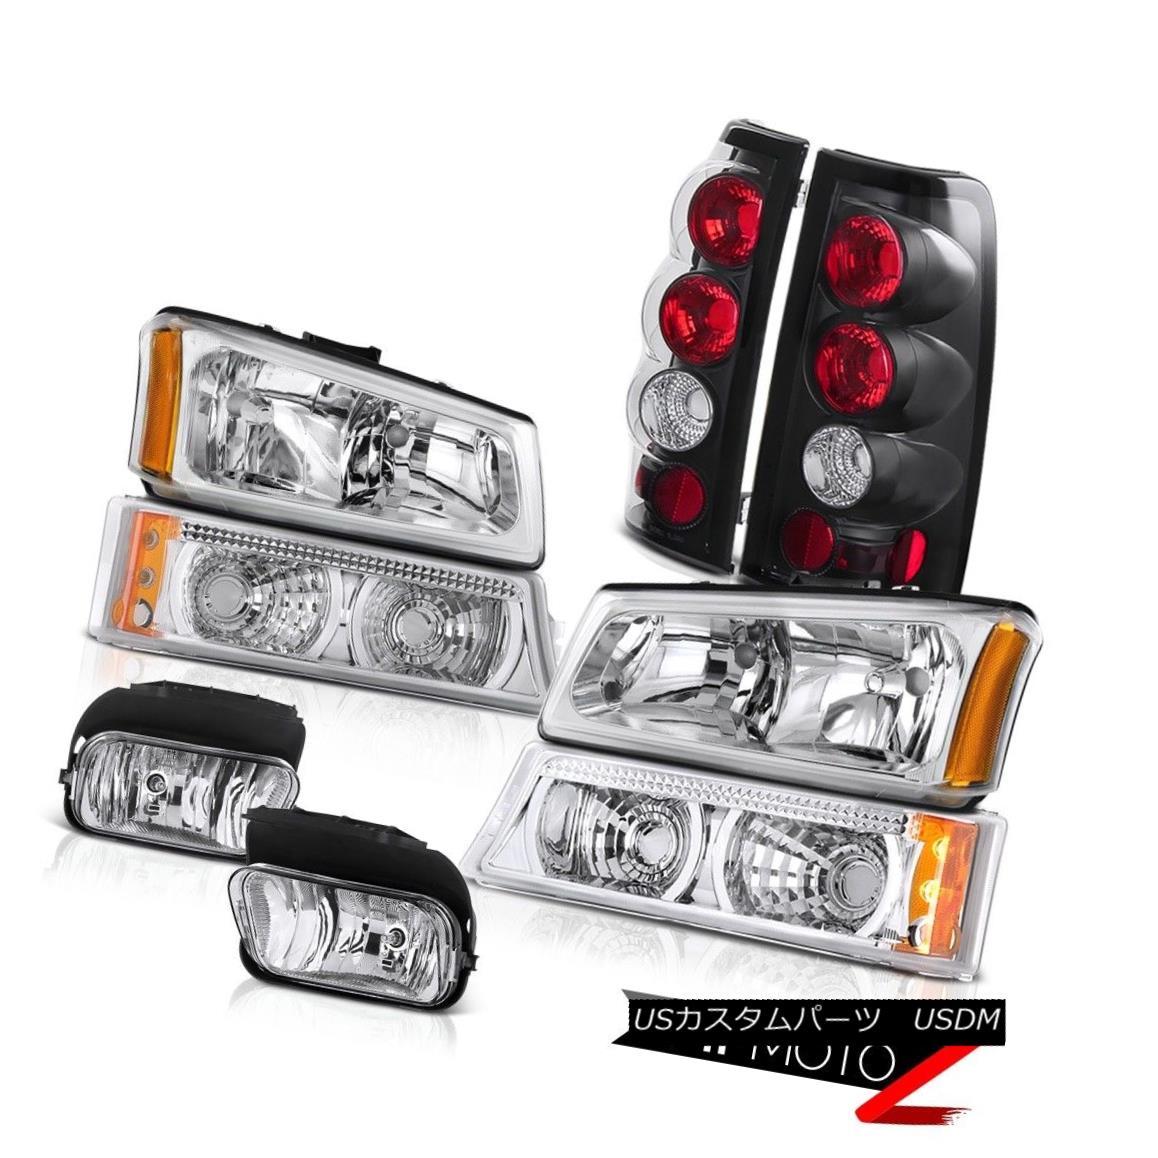 ヘッドライト 2003-2006 Silverado DuraMax 6.6L Left Right Headlights Tail Light Brake Foglamps 2003-2006 Silverado DuraMax 6.6L左ライトヘッドライトテールライトブレーキフォグランプ